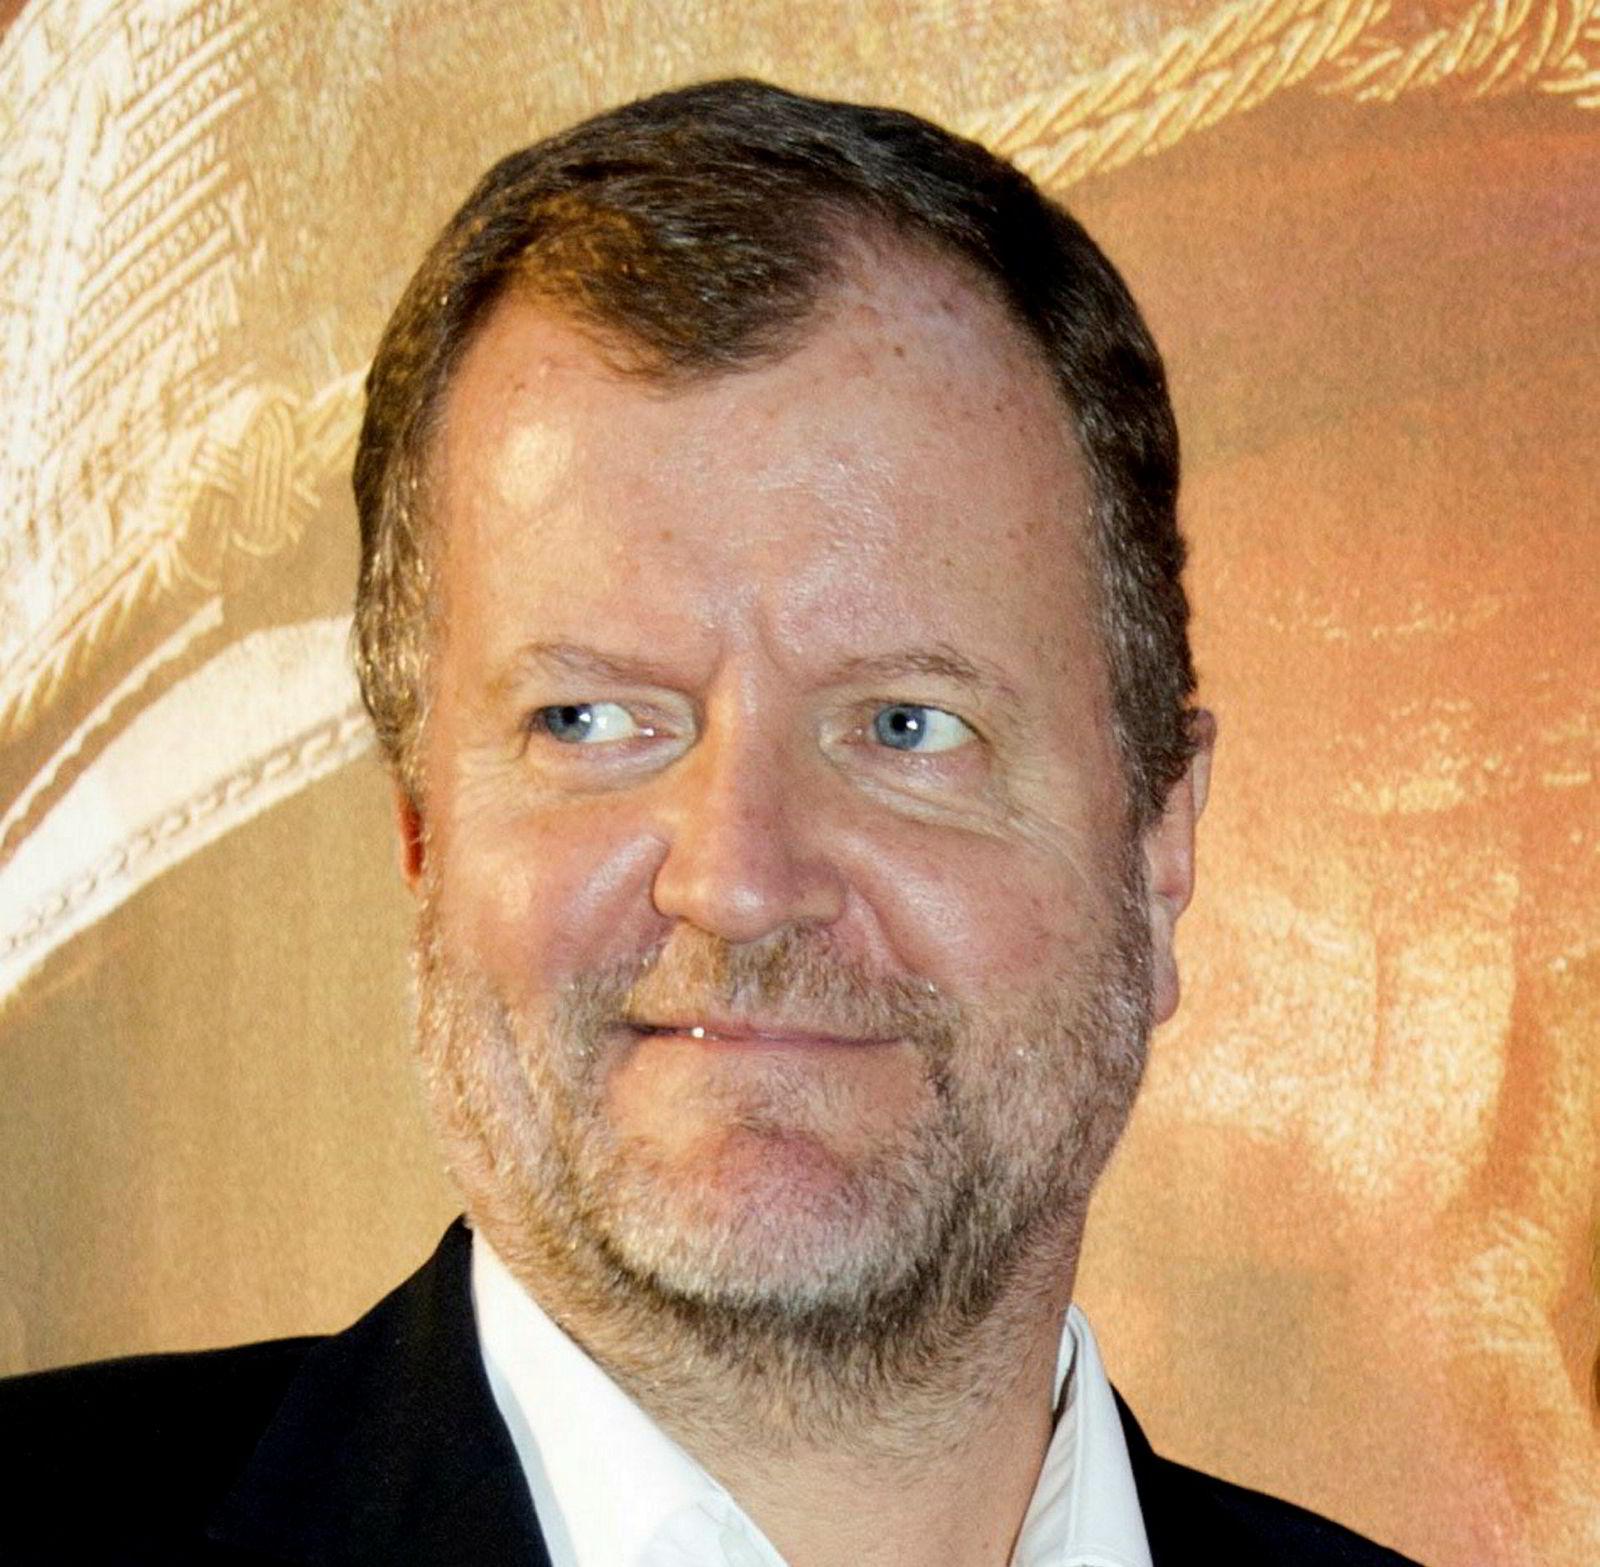 Underholdningsredaktør Charlo Halvorsen NRK.